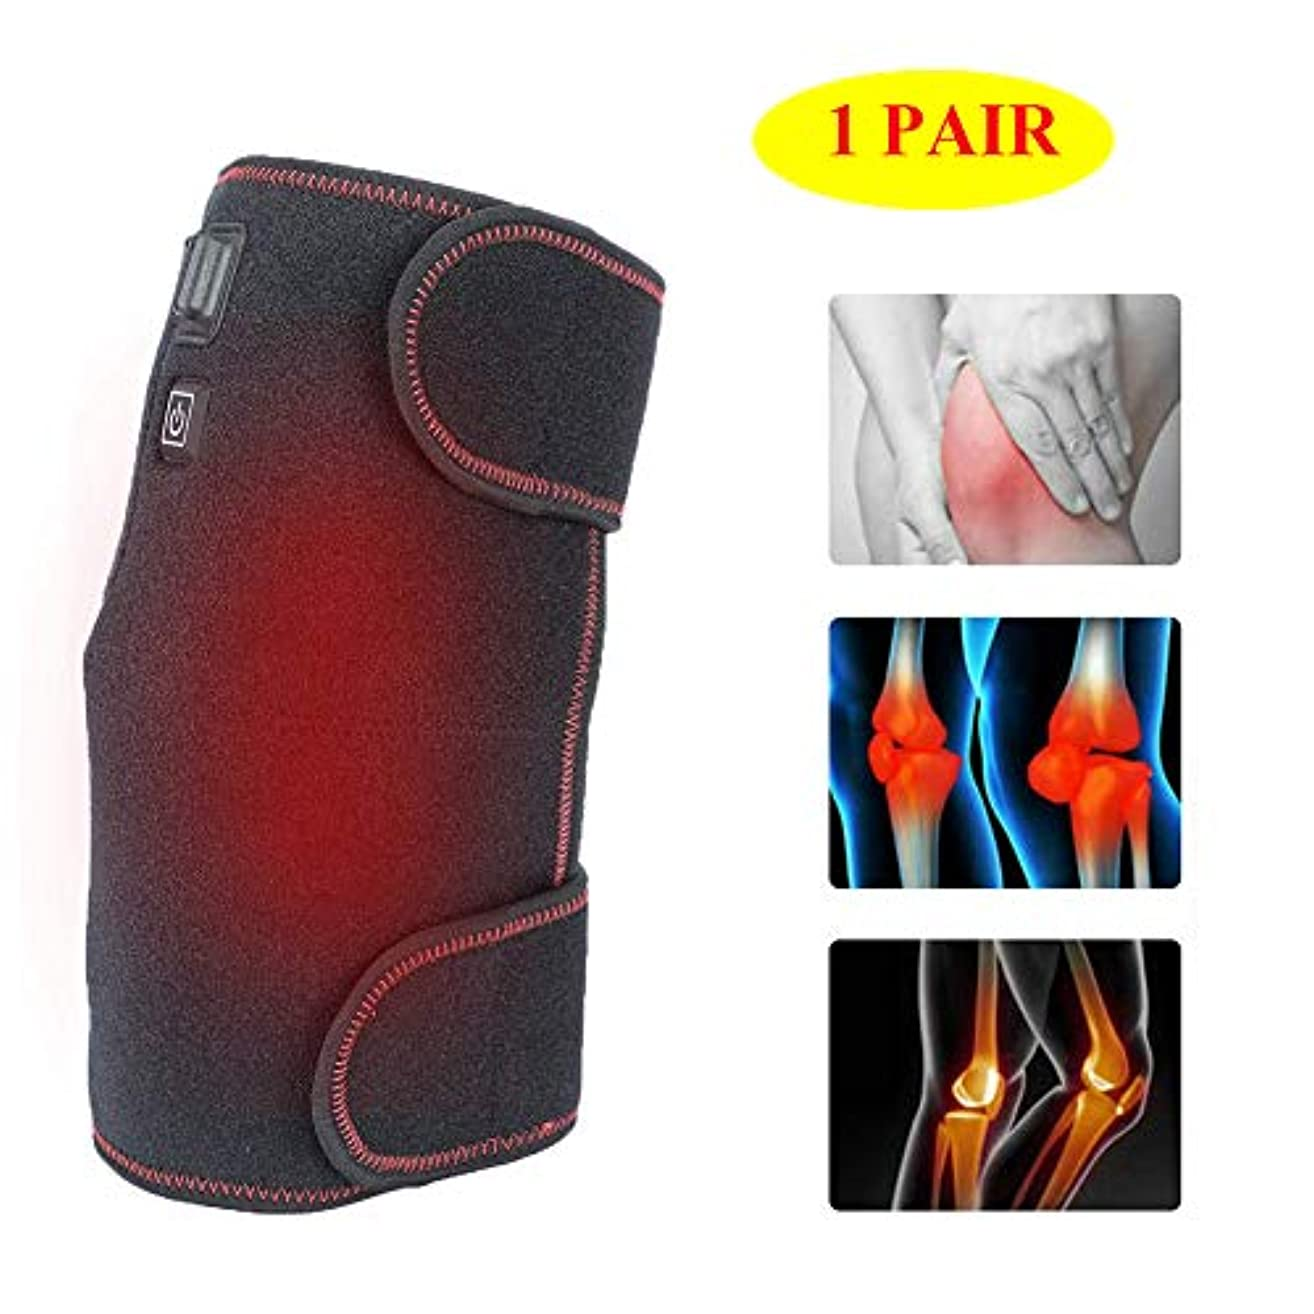 イディオムまたは複雑加熱膝ブレースサポート1ペア - USB充電式膝暖かいラップ加熱パッド - 療法ホット圧縮3ファイル温度で膝の傷害